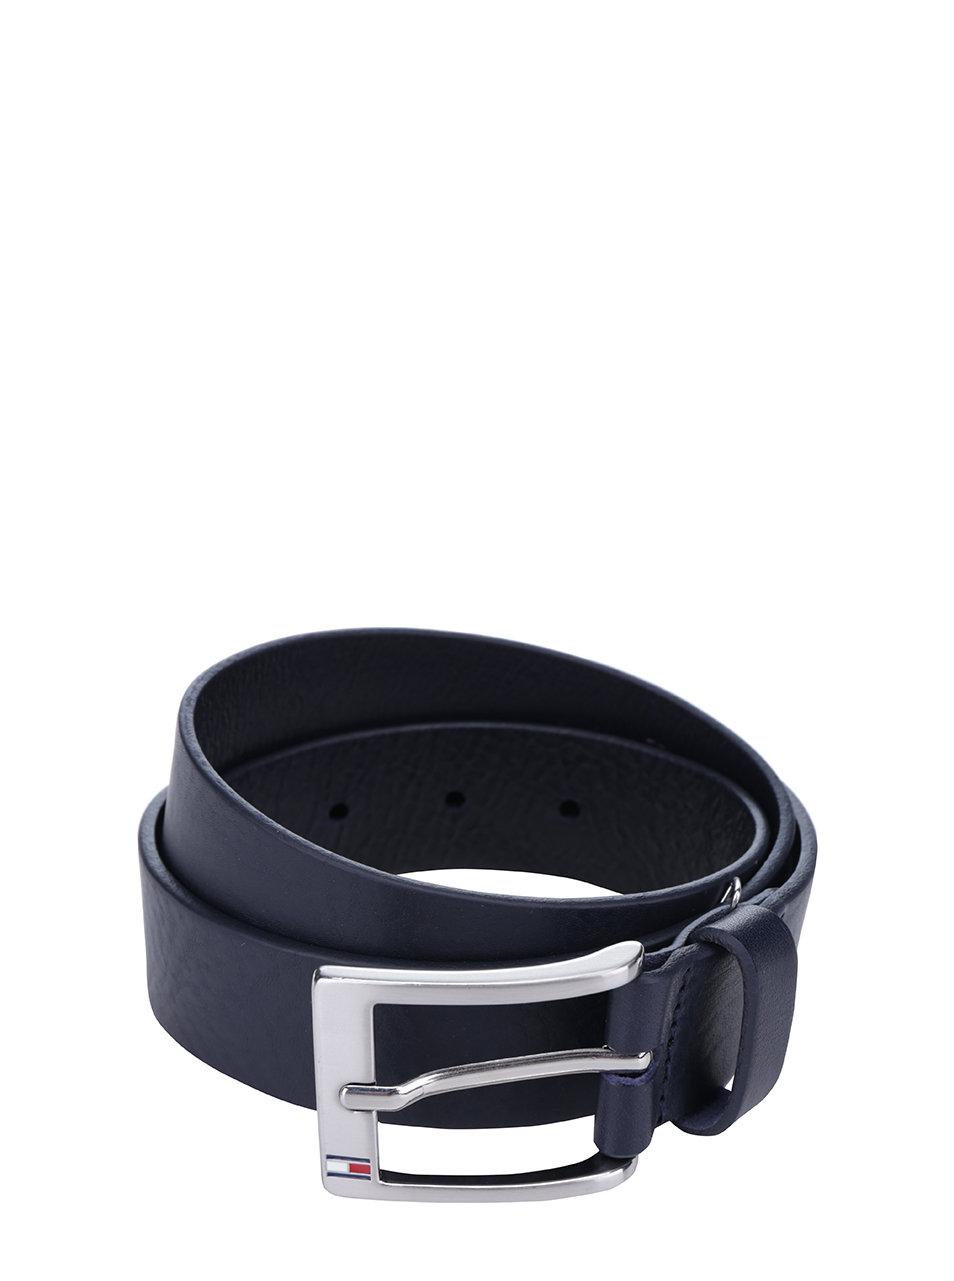 Tmavě modrý pánský kožený pásek Tommy Hilfiger New Aly